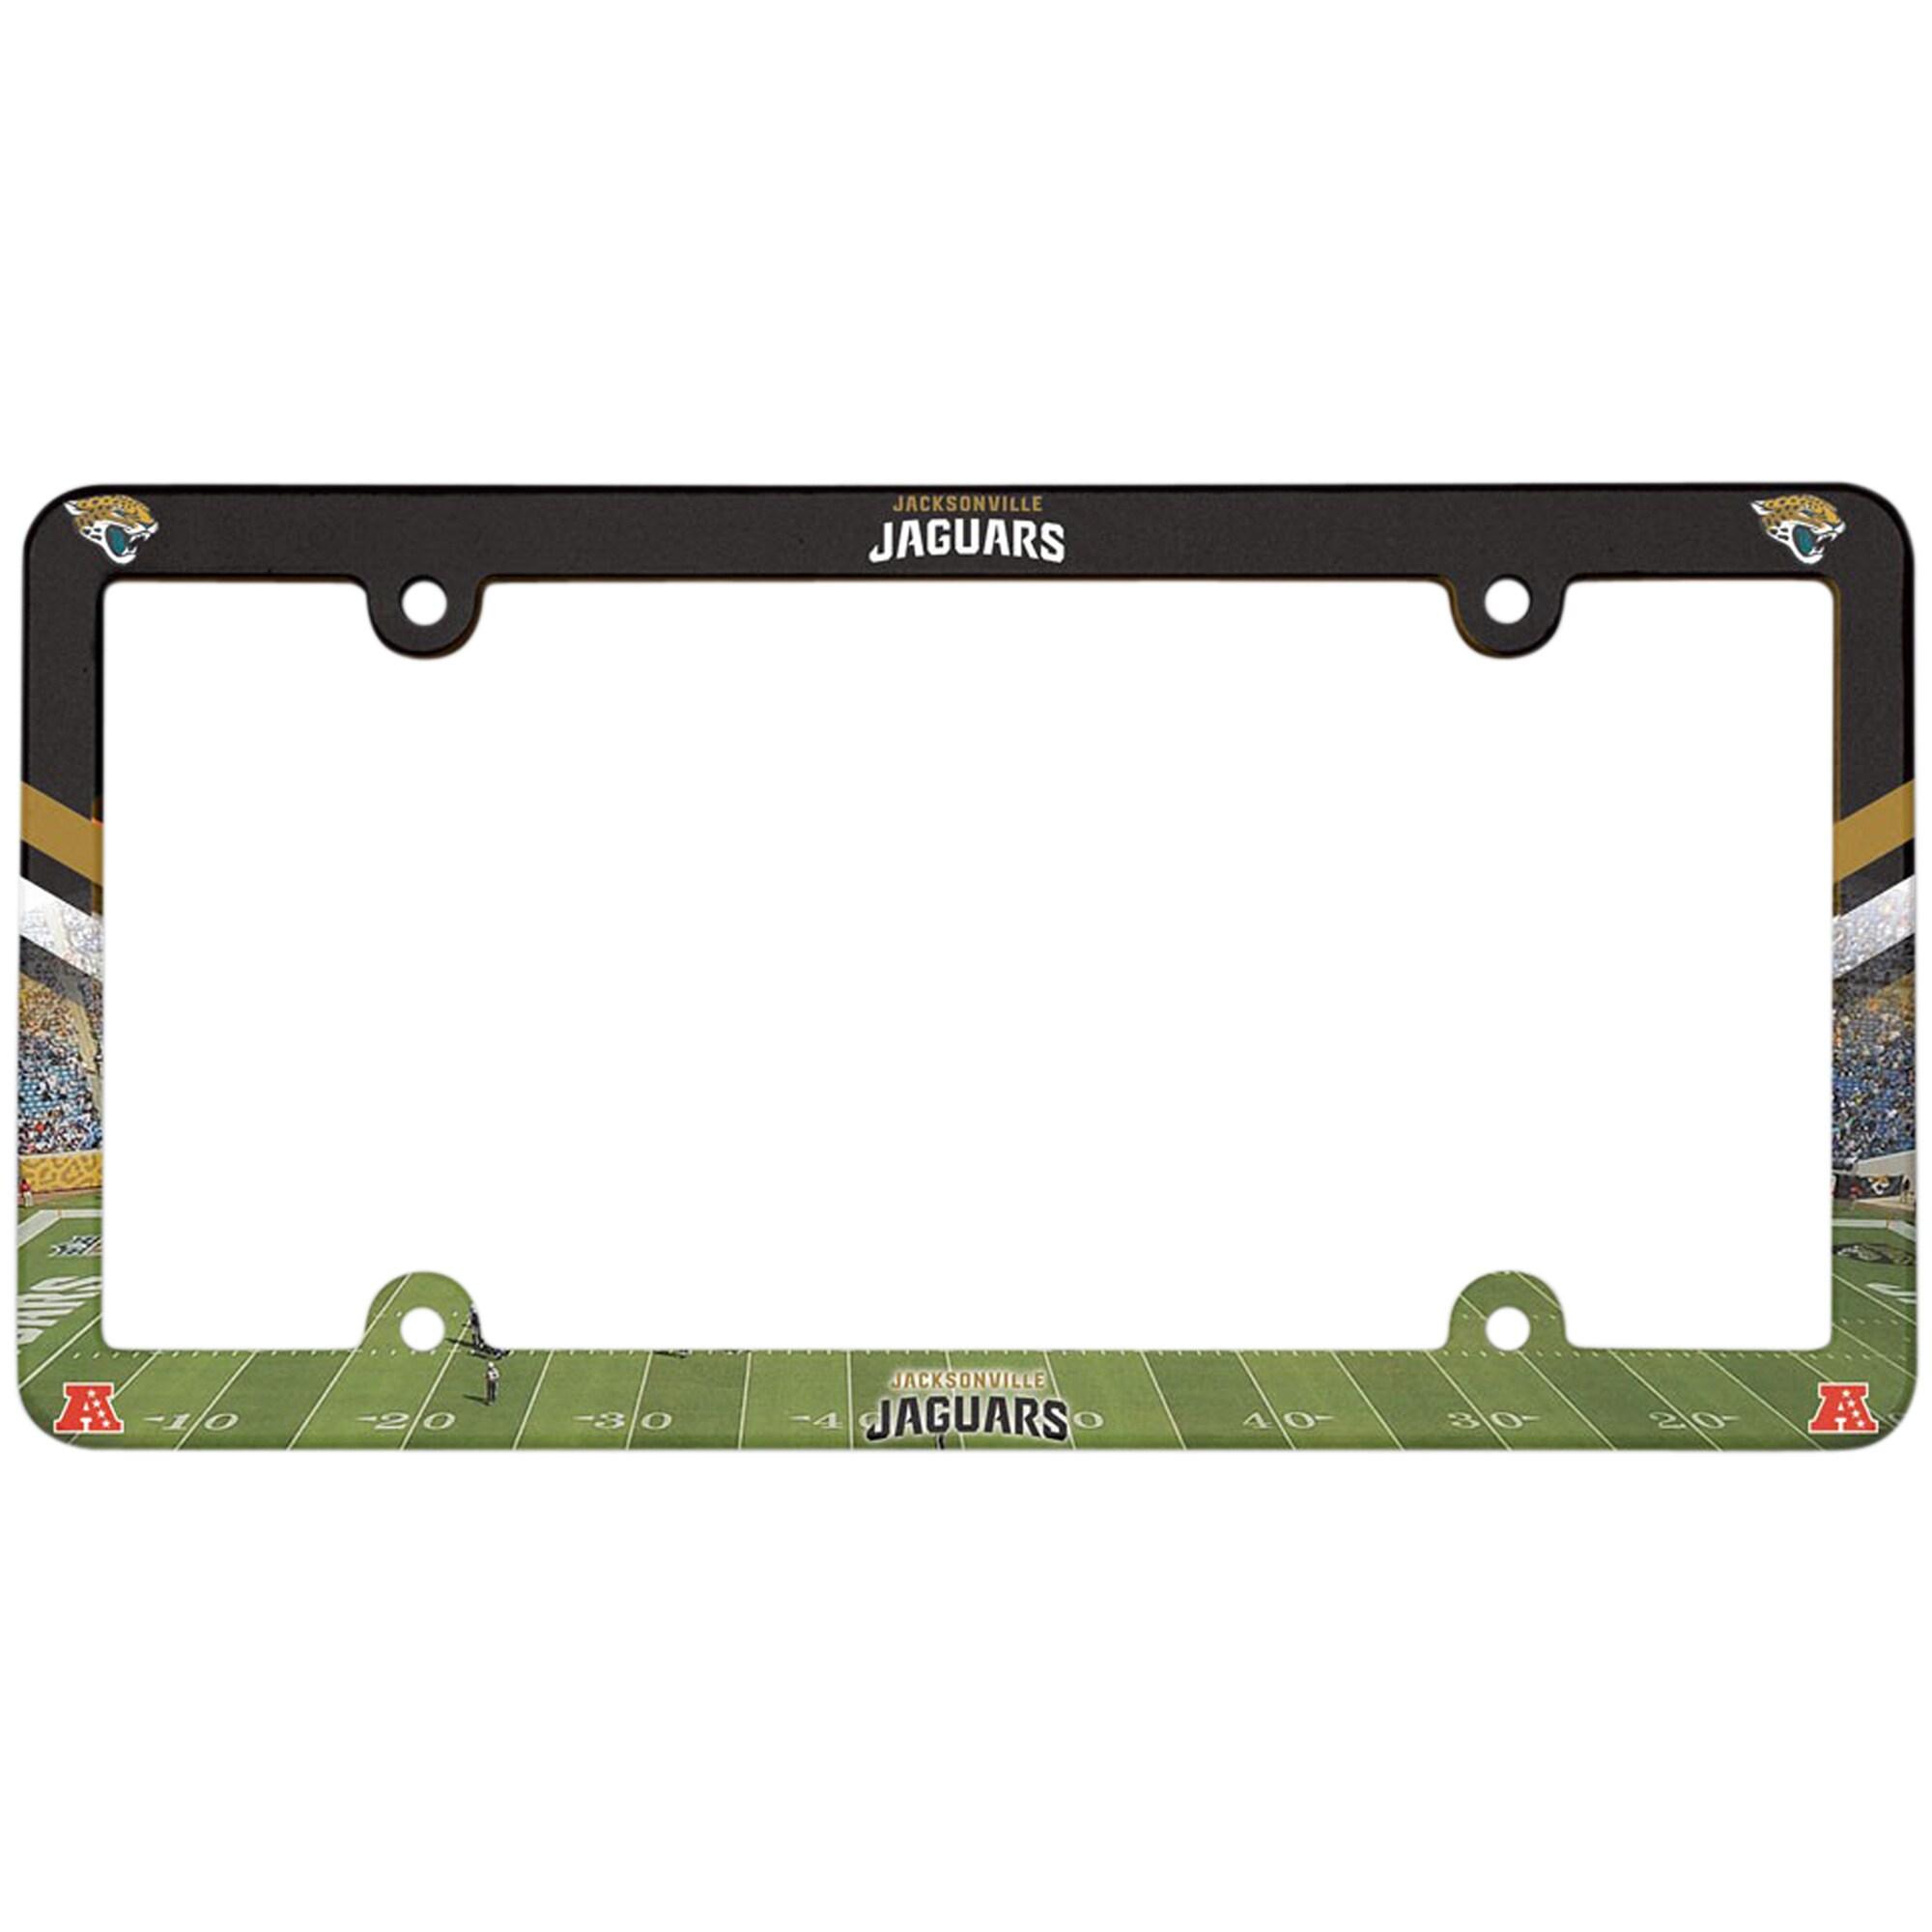 Jacksonville Jaguars WinCraft Full Color Plastic License Plate Frame